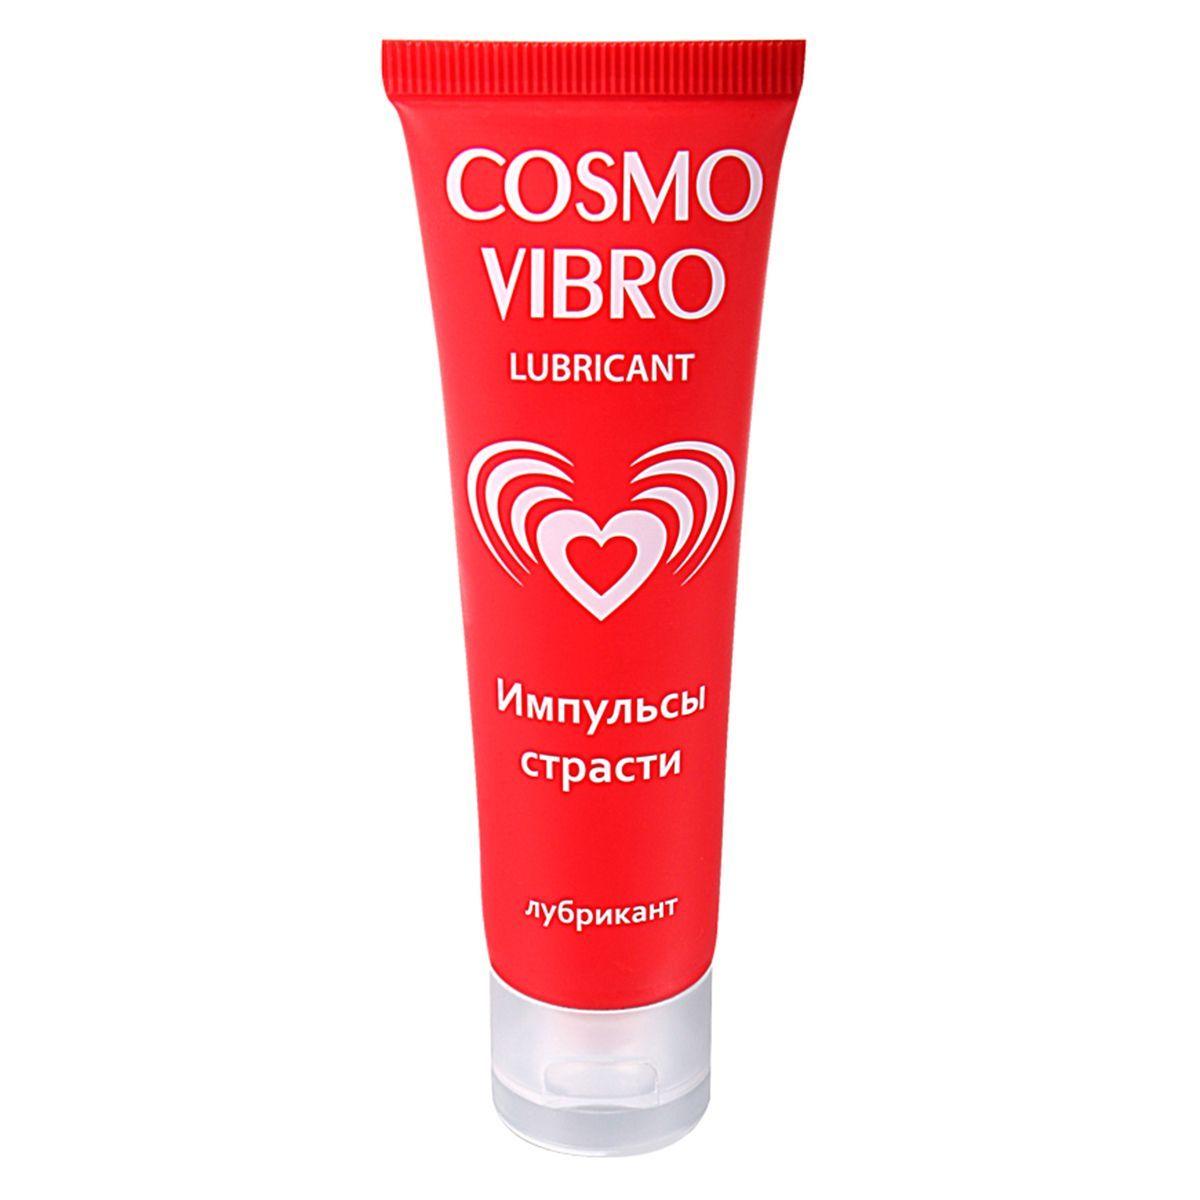 Женский стимулирующий лубрикант на силиконовой основе Cosmo Vibro - 50 гр. фото